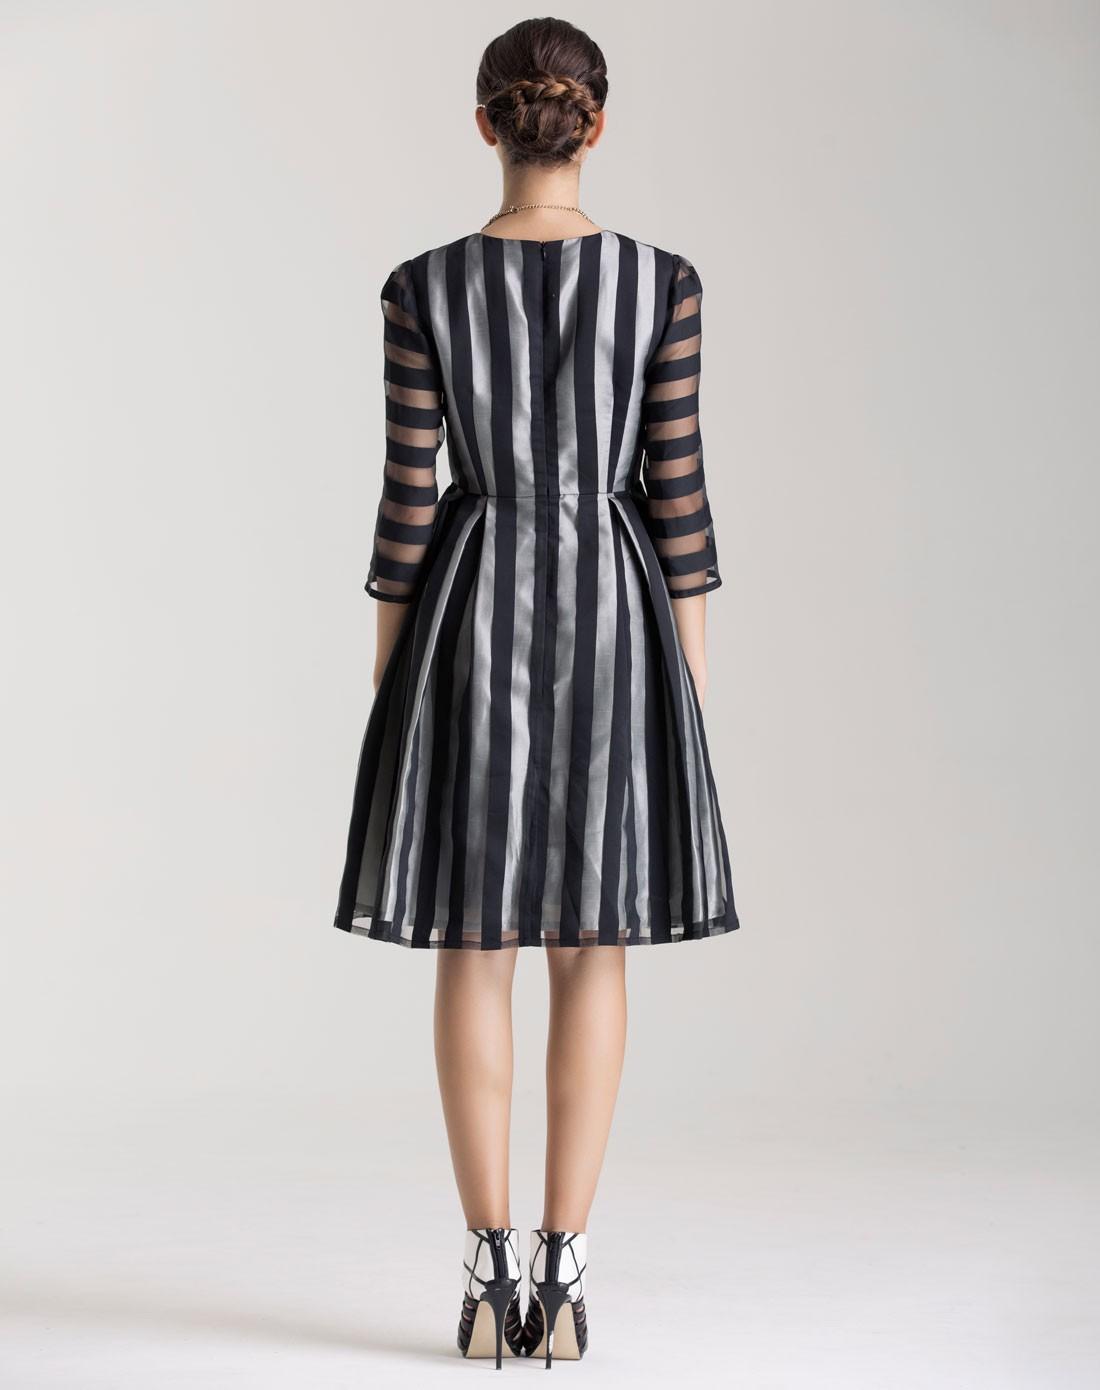 黑白条纹连衣裙